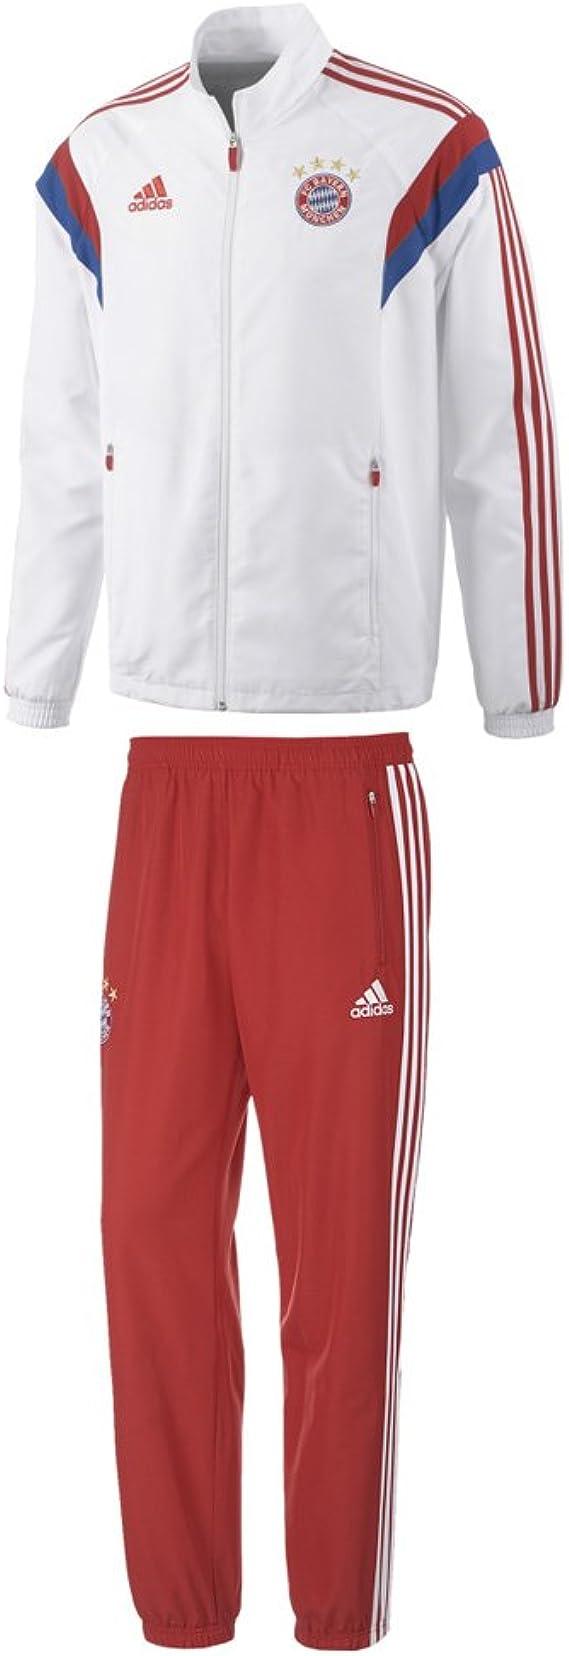 Adidas - Maglia da uomo dell'FC Bayern Monaco, 14/15